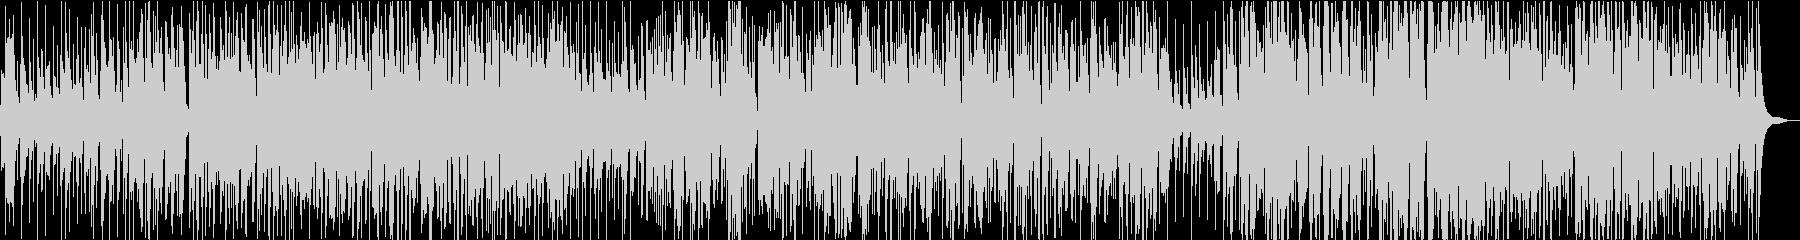 トランペットが印象的なゆったりジャズの未再生の波形